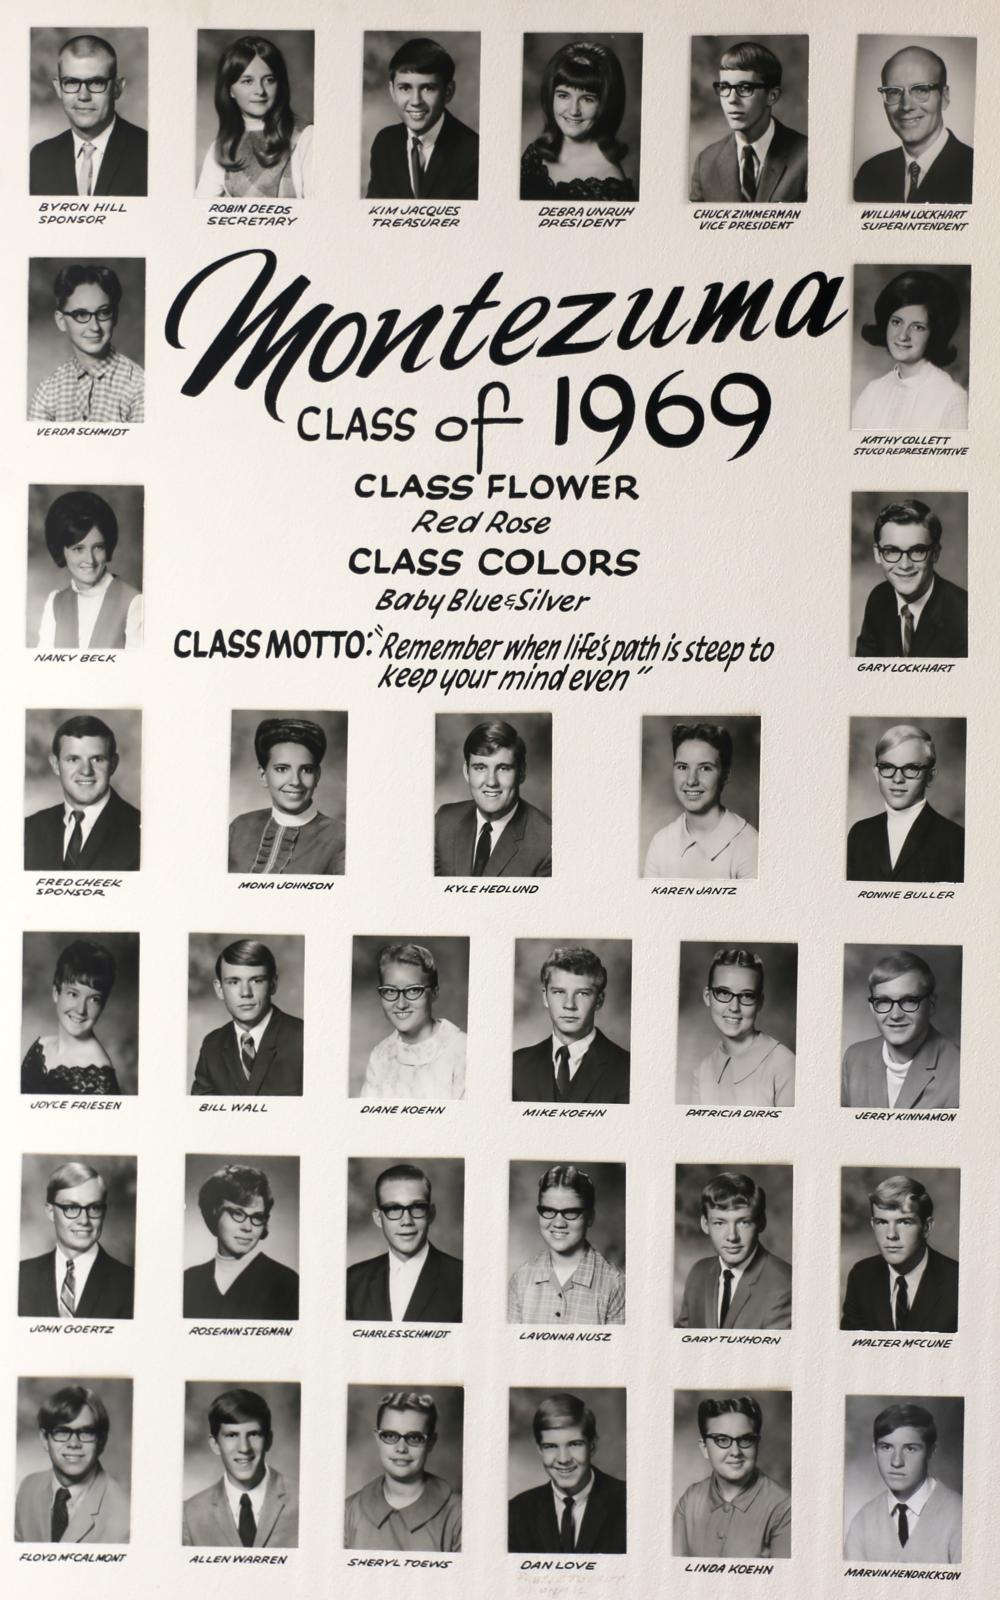 Montezuma GC 1969